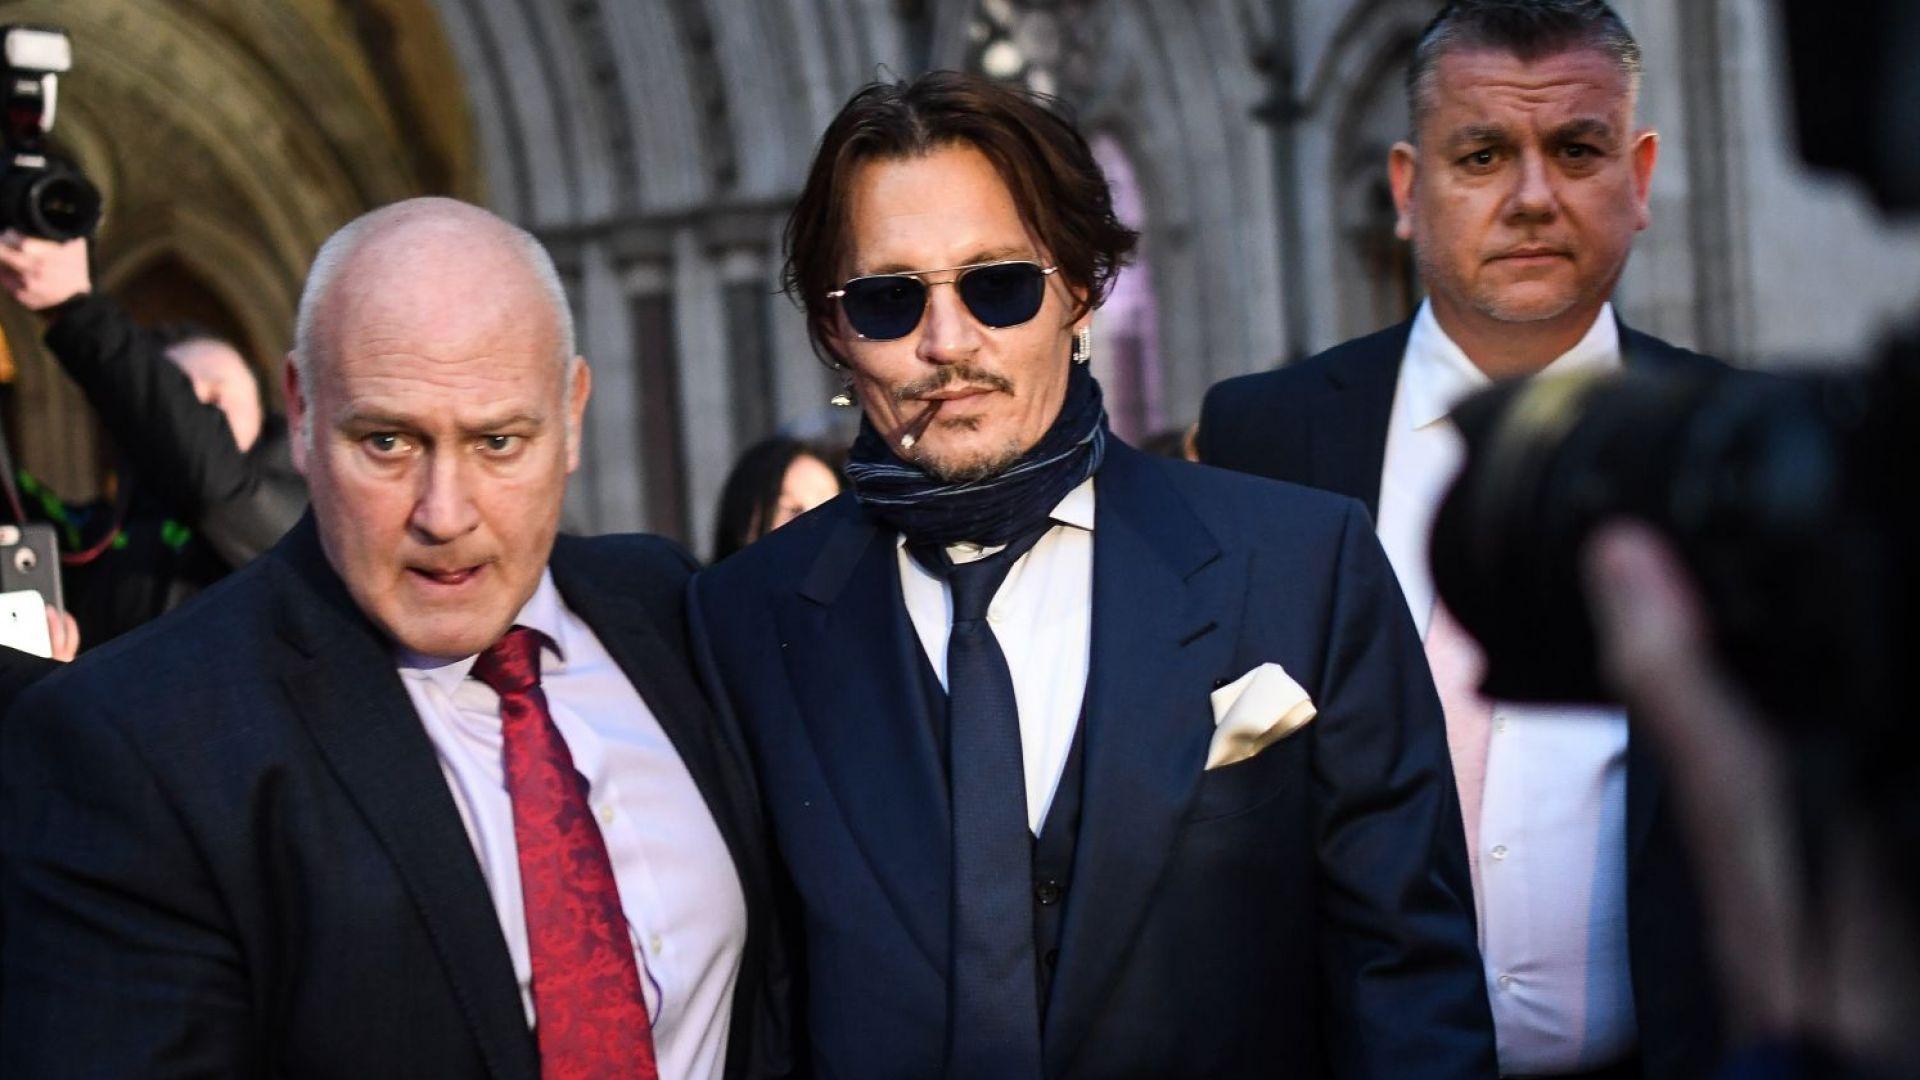 Джони Деп с изненадваща поява в лондонски съд на дело срещу вестник